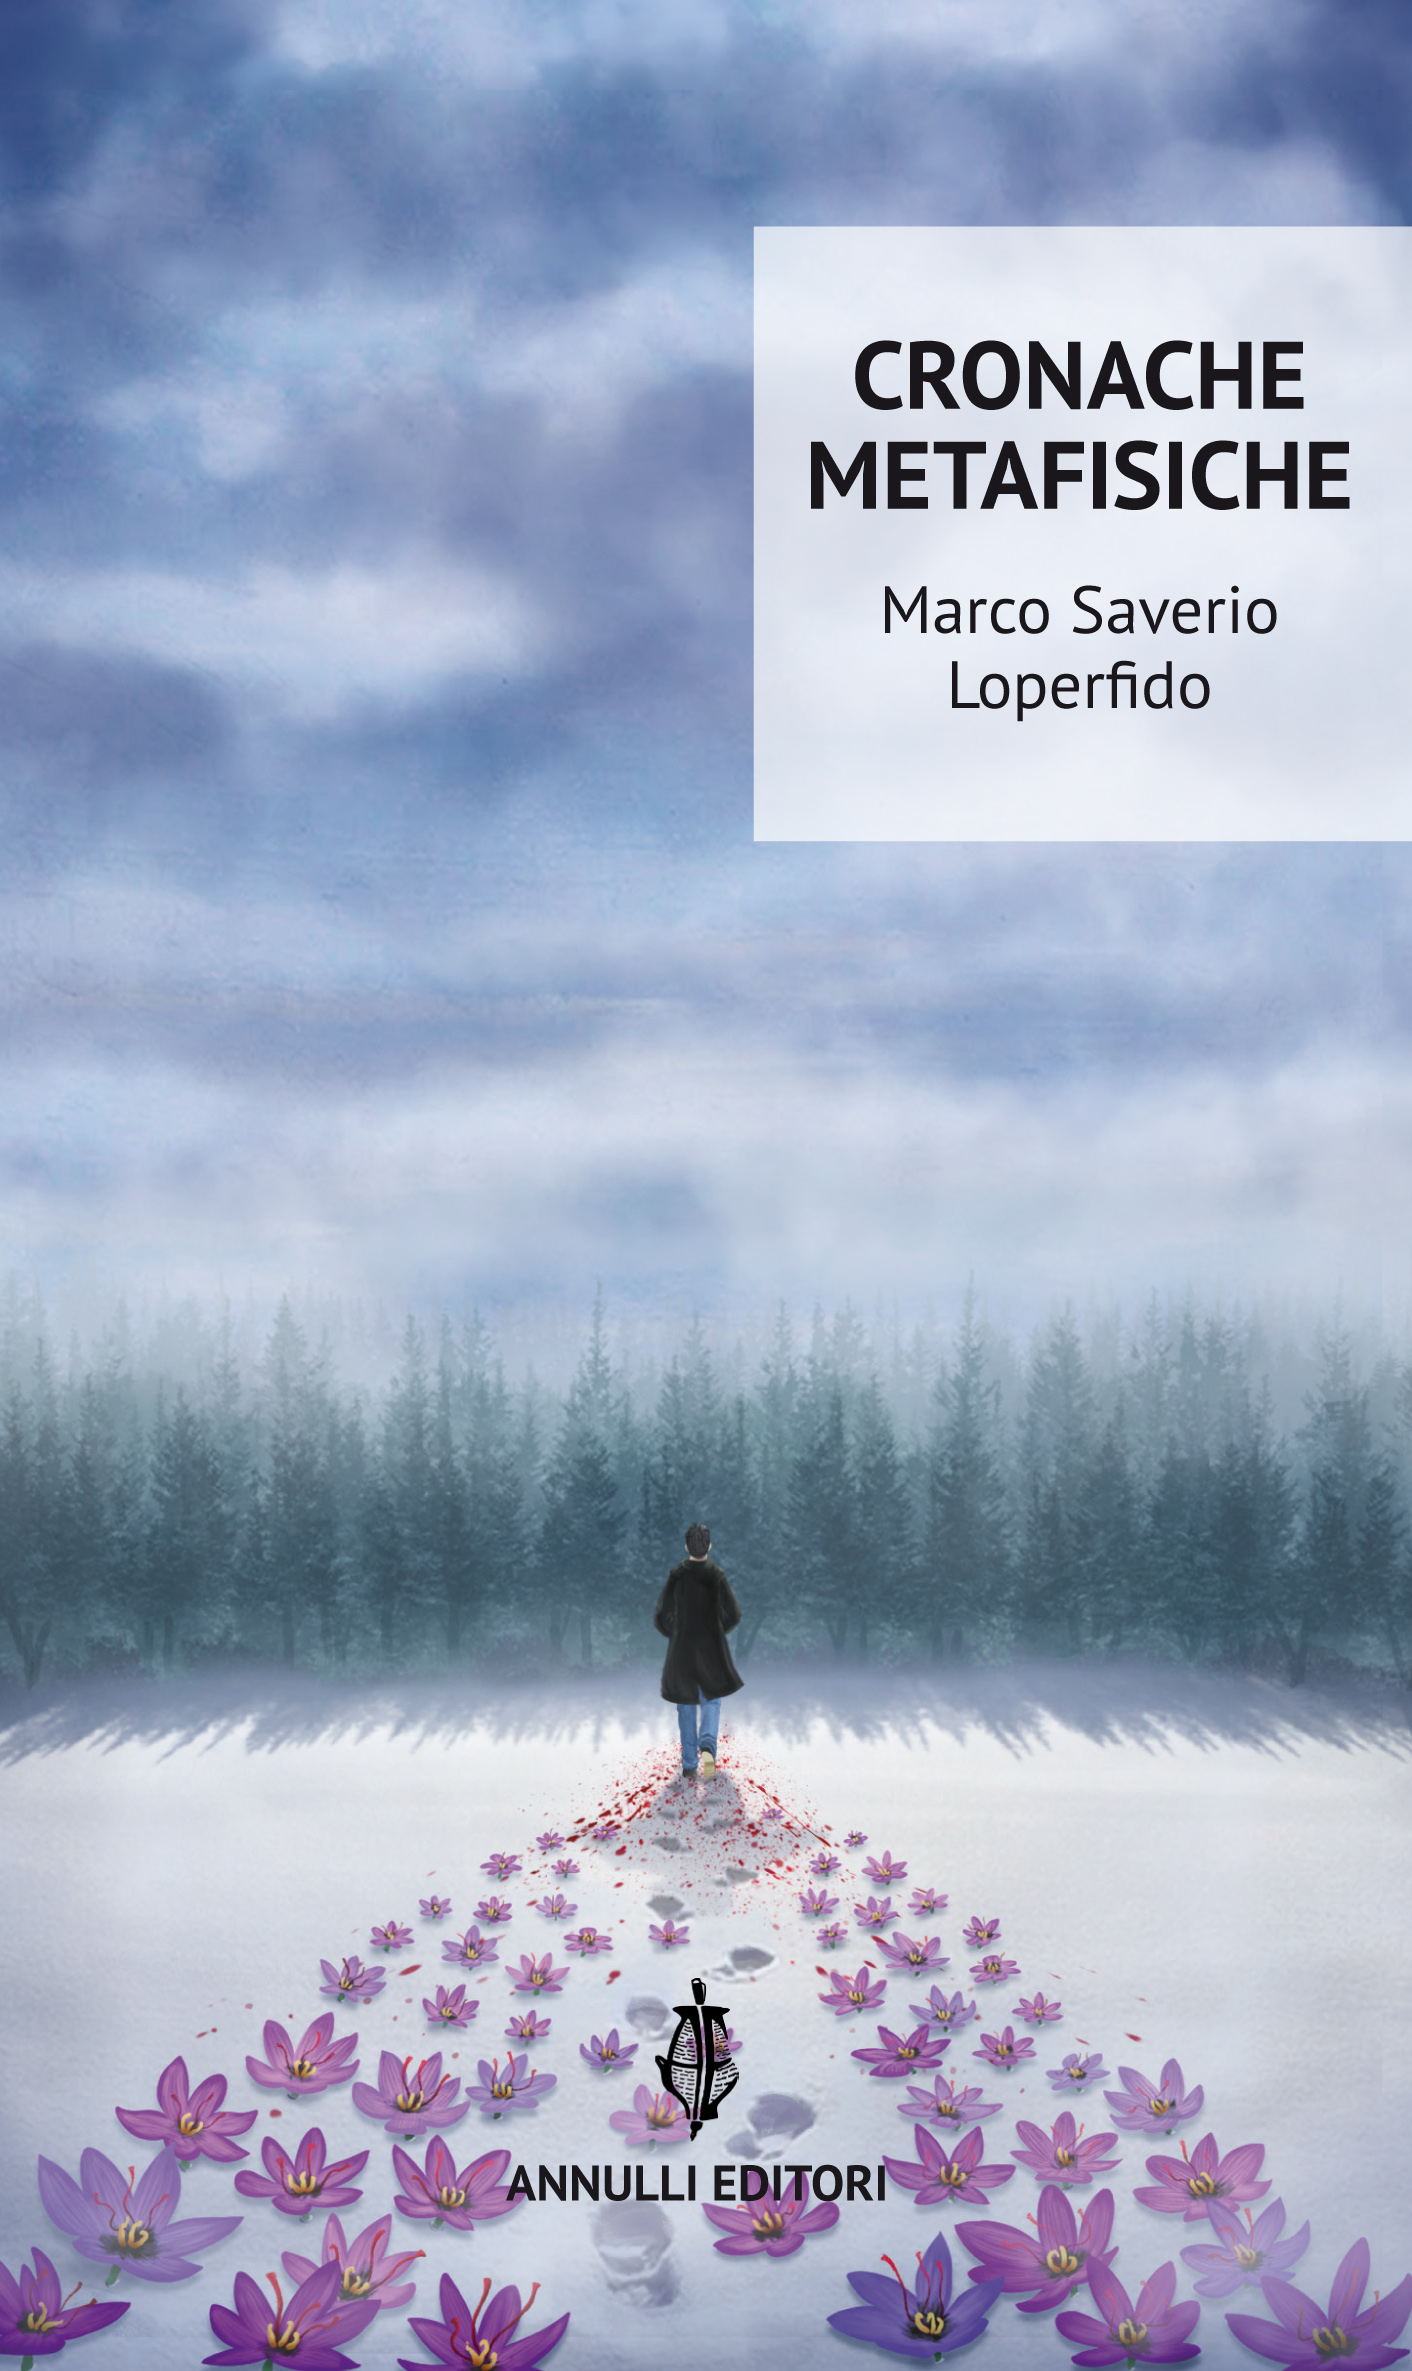 copertina_front_LR